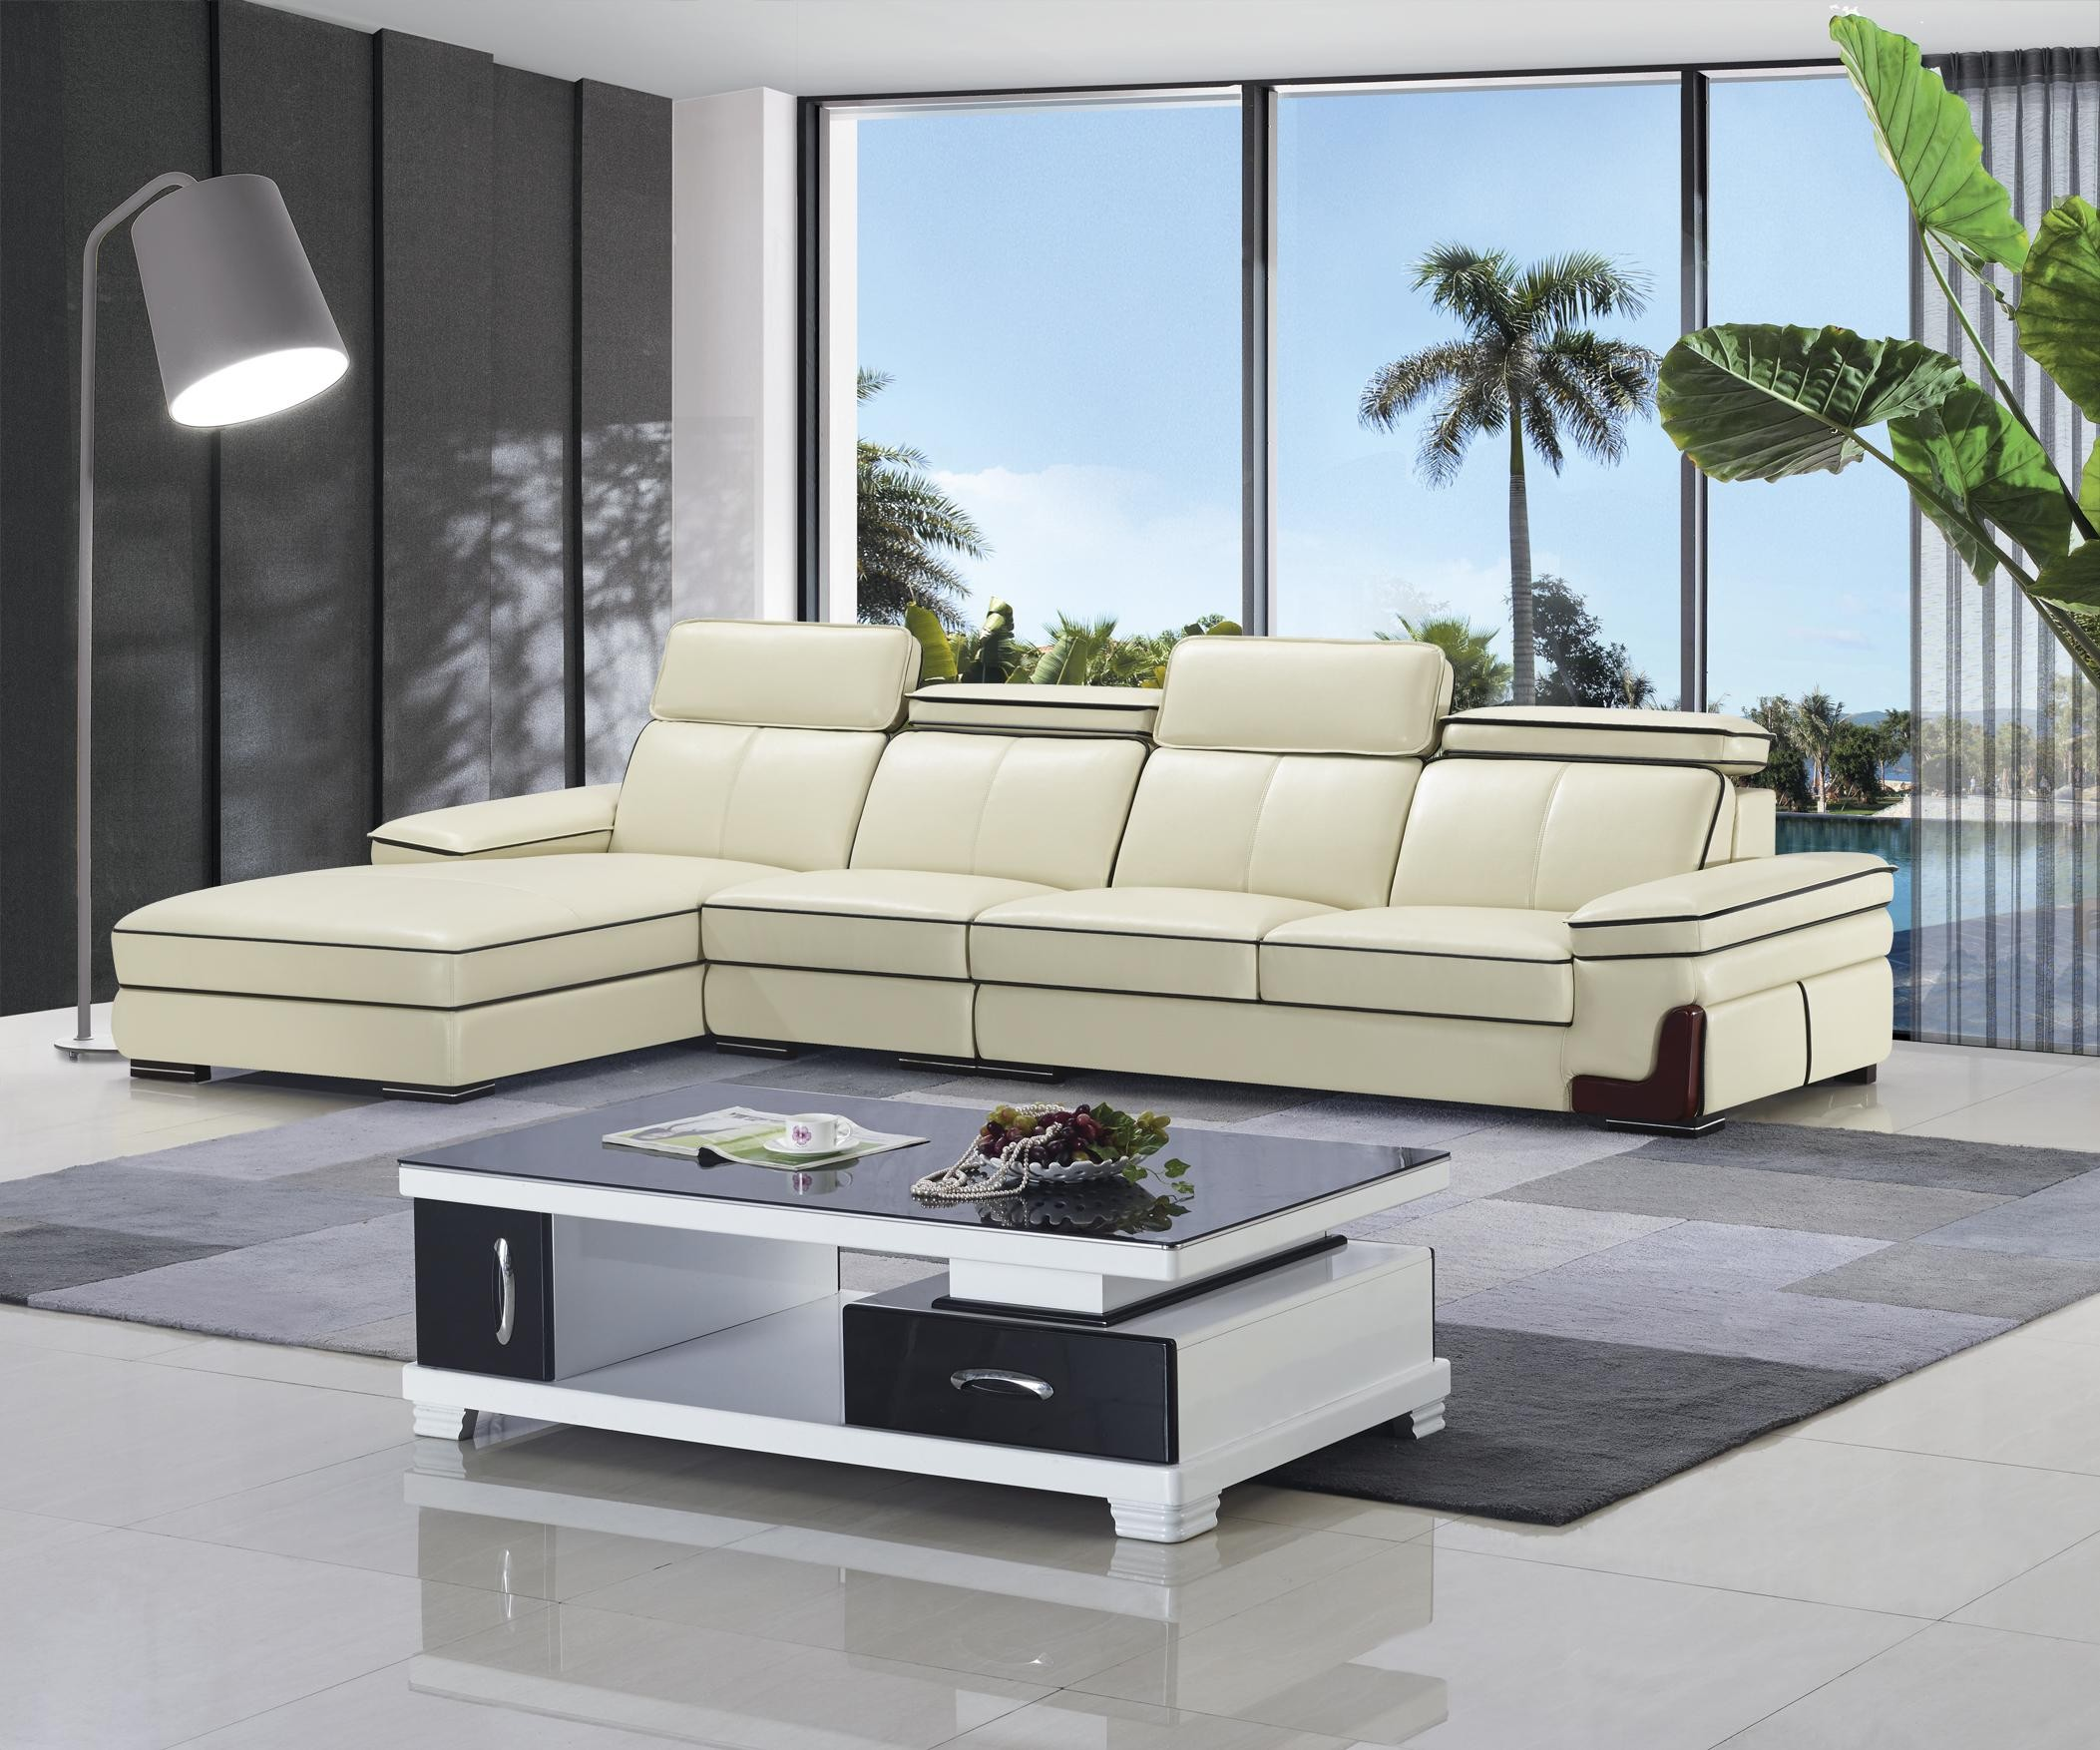 Arredamenti mobili camera da letto soggiorno cucina divani for Divani e divani napoli